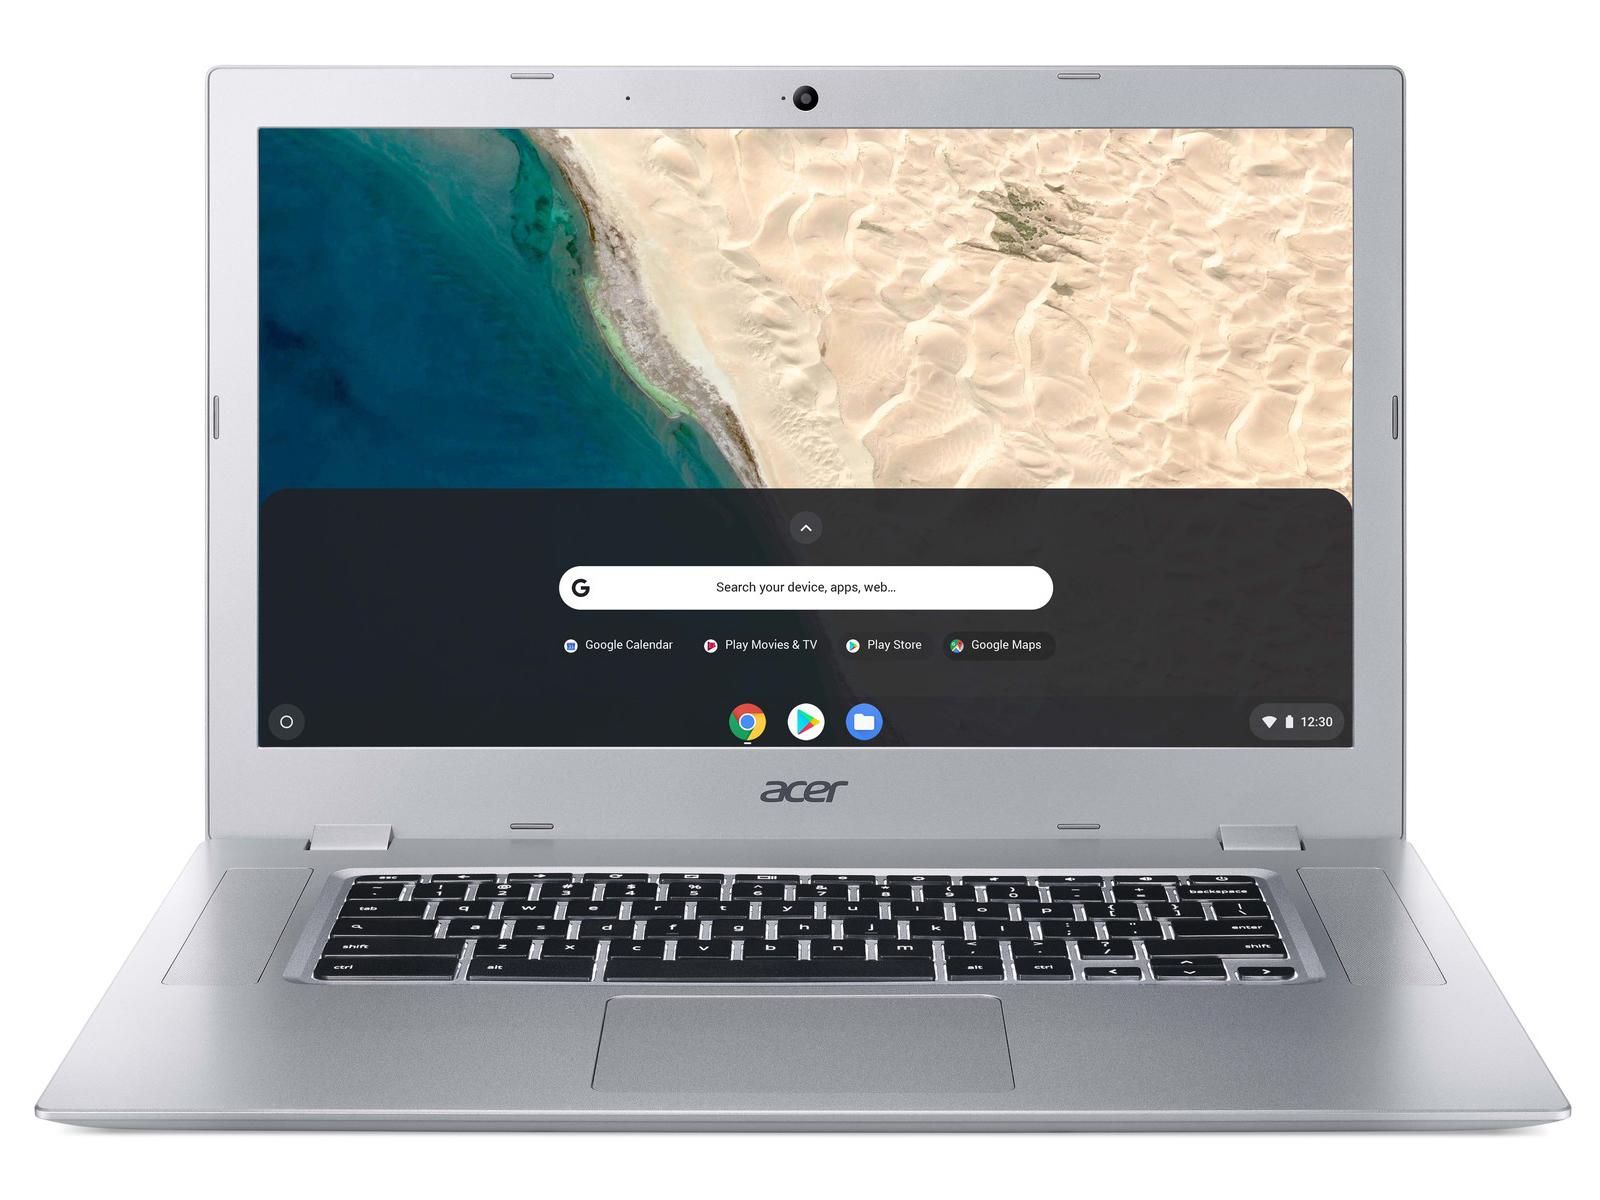 Acer Chromebook 315 CB315-2HT - Notebookcheck.net External Reviews